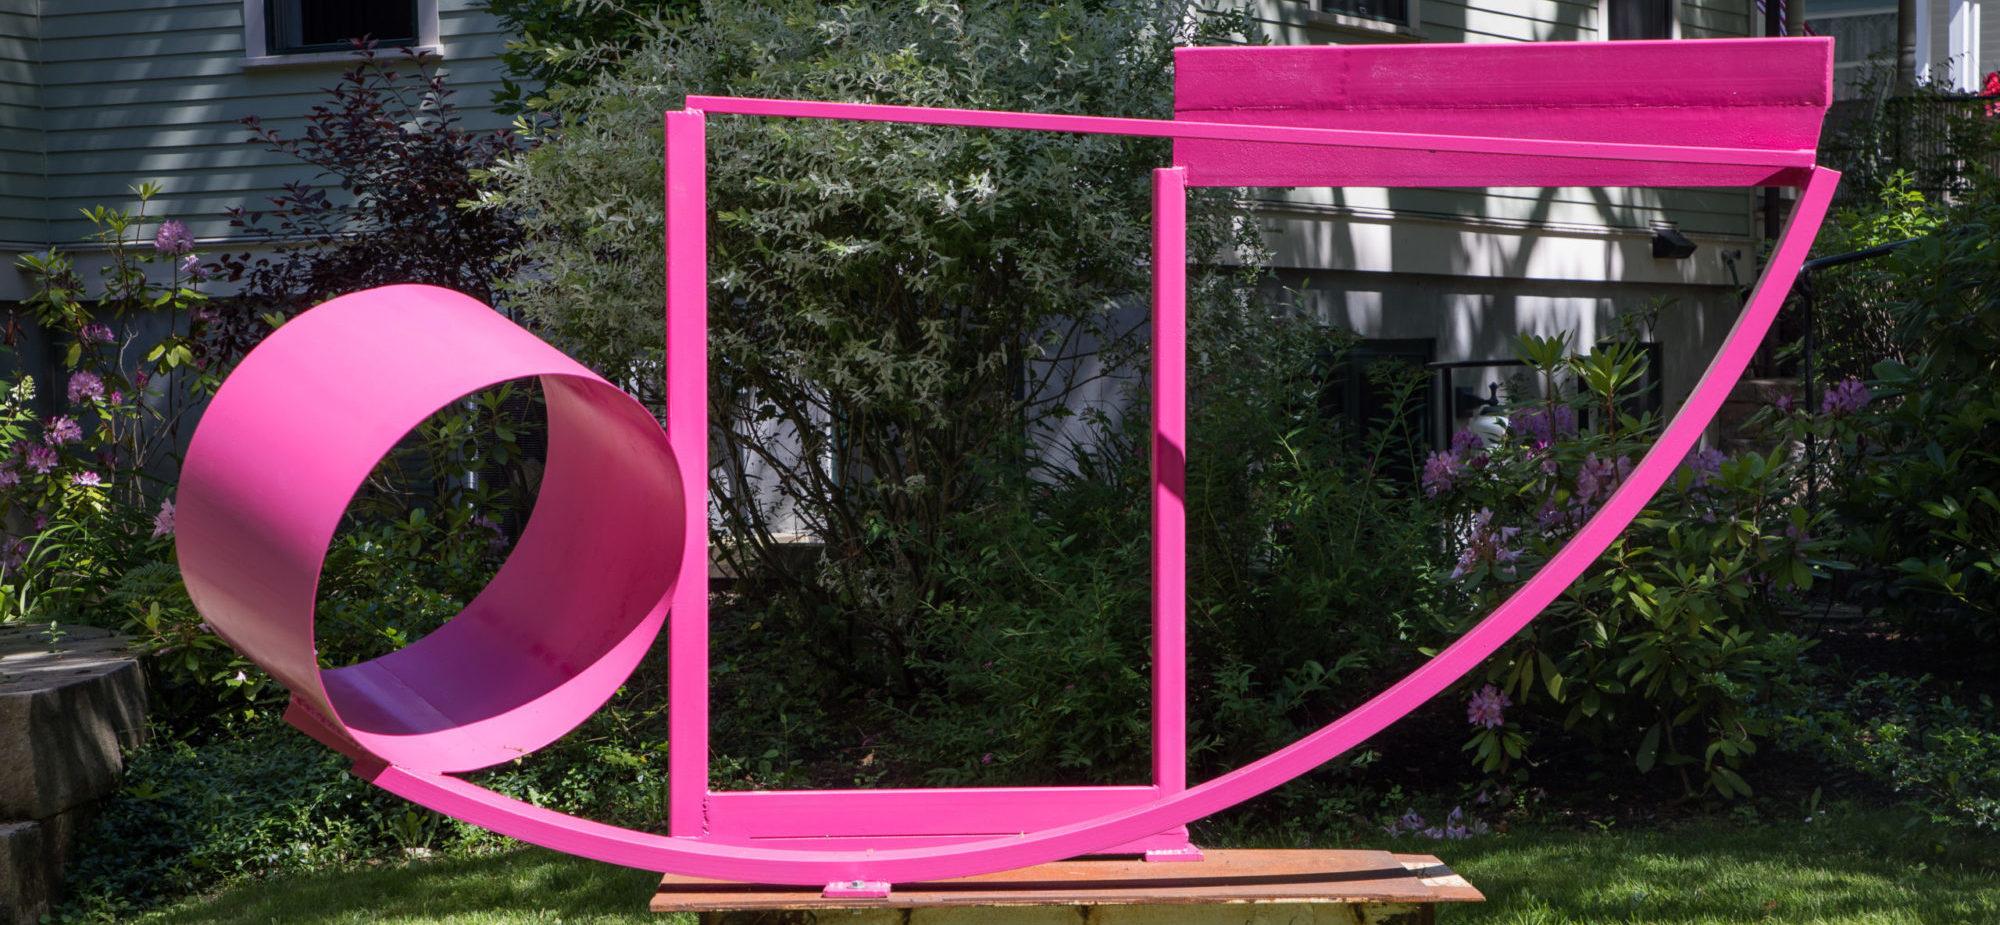 John Melvin Sculpture Garden 2021